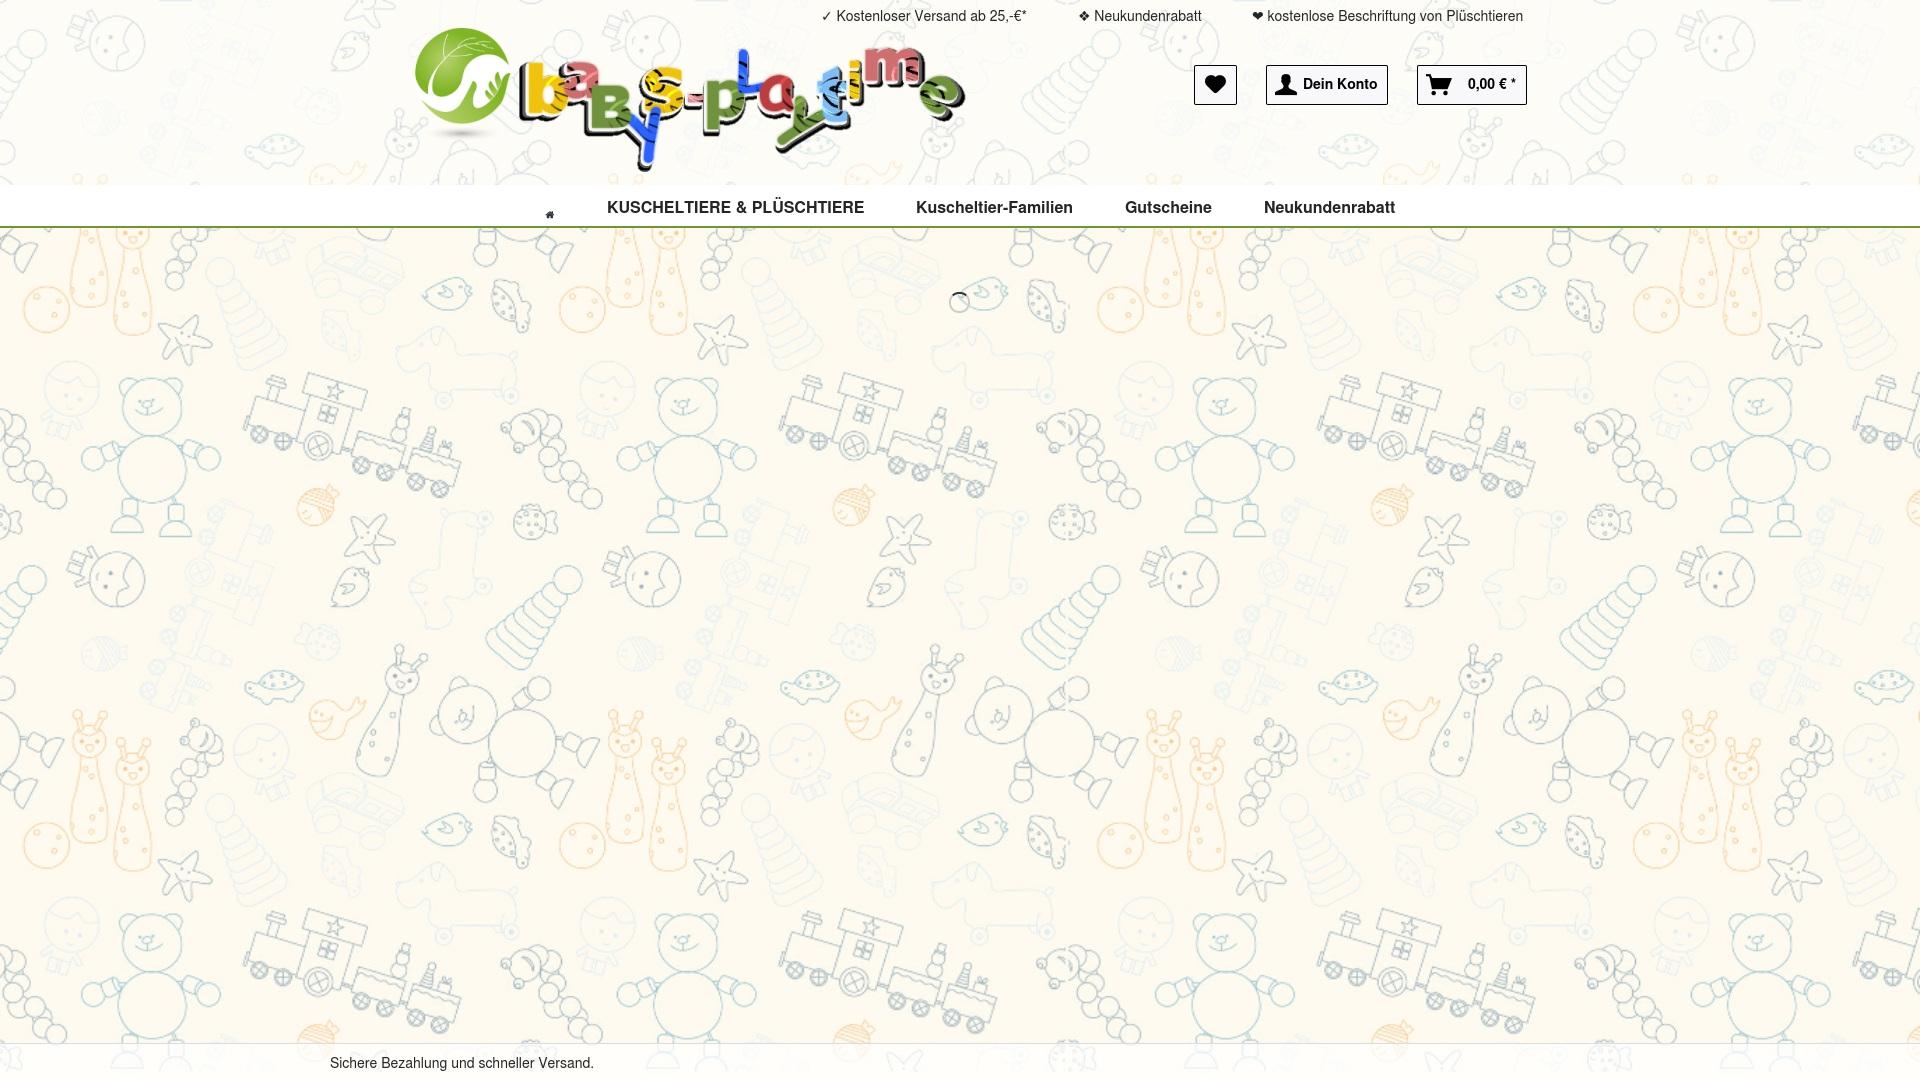 Gutschein für Babys-playtime: Rabatte für  Babys-playtime sichern